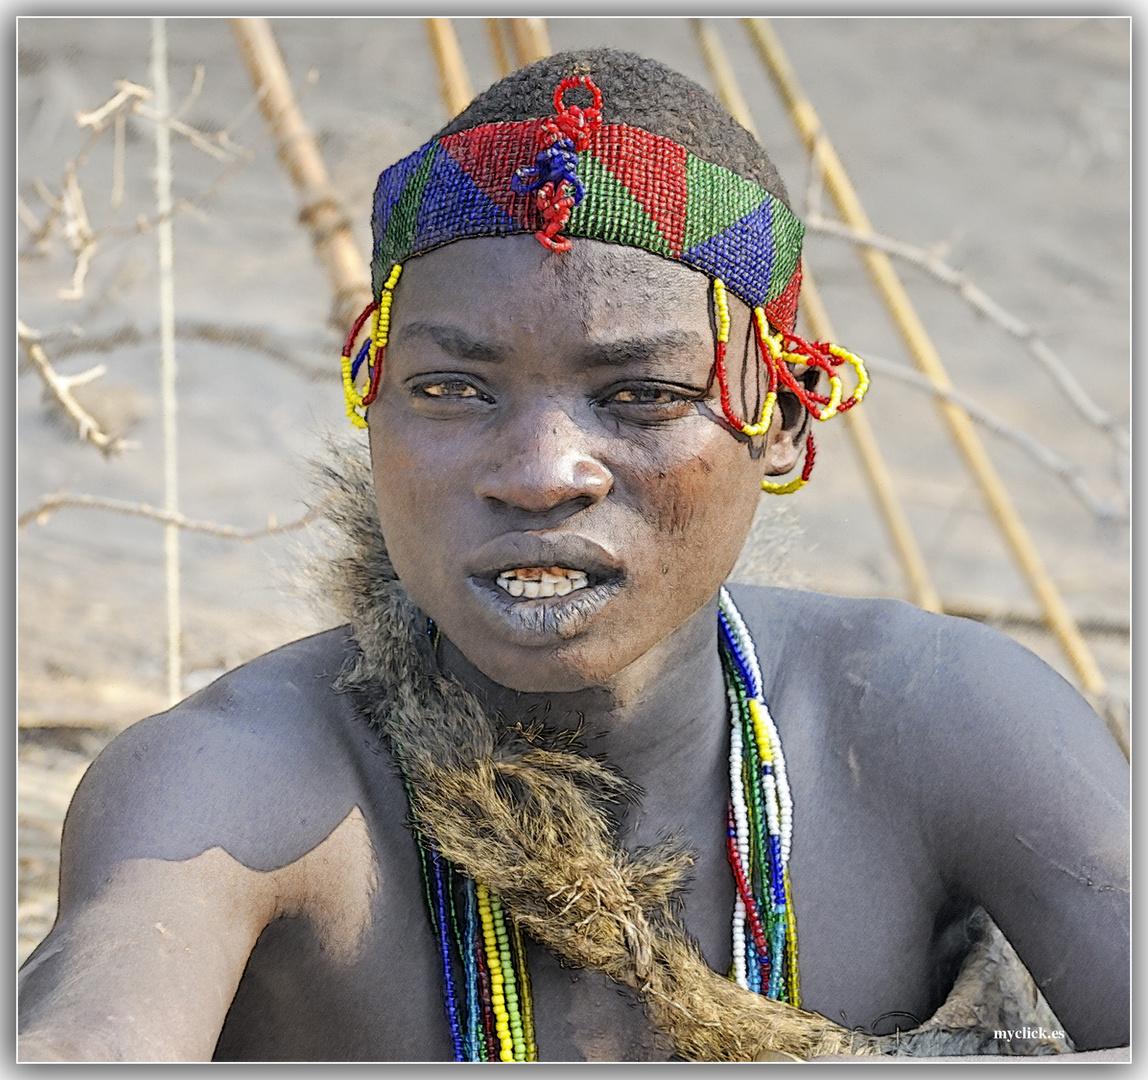 MEMORIAS DE AFRICA -EL CAZADOR- EYASY TANZANIA